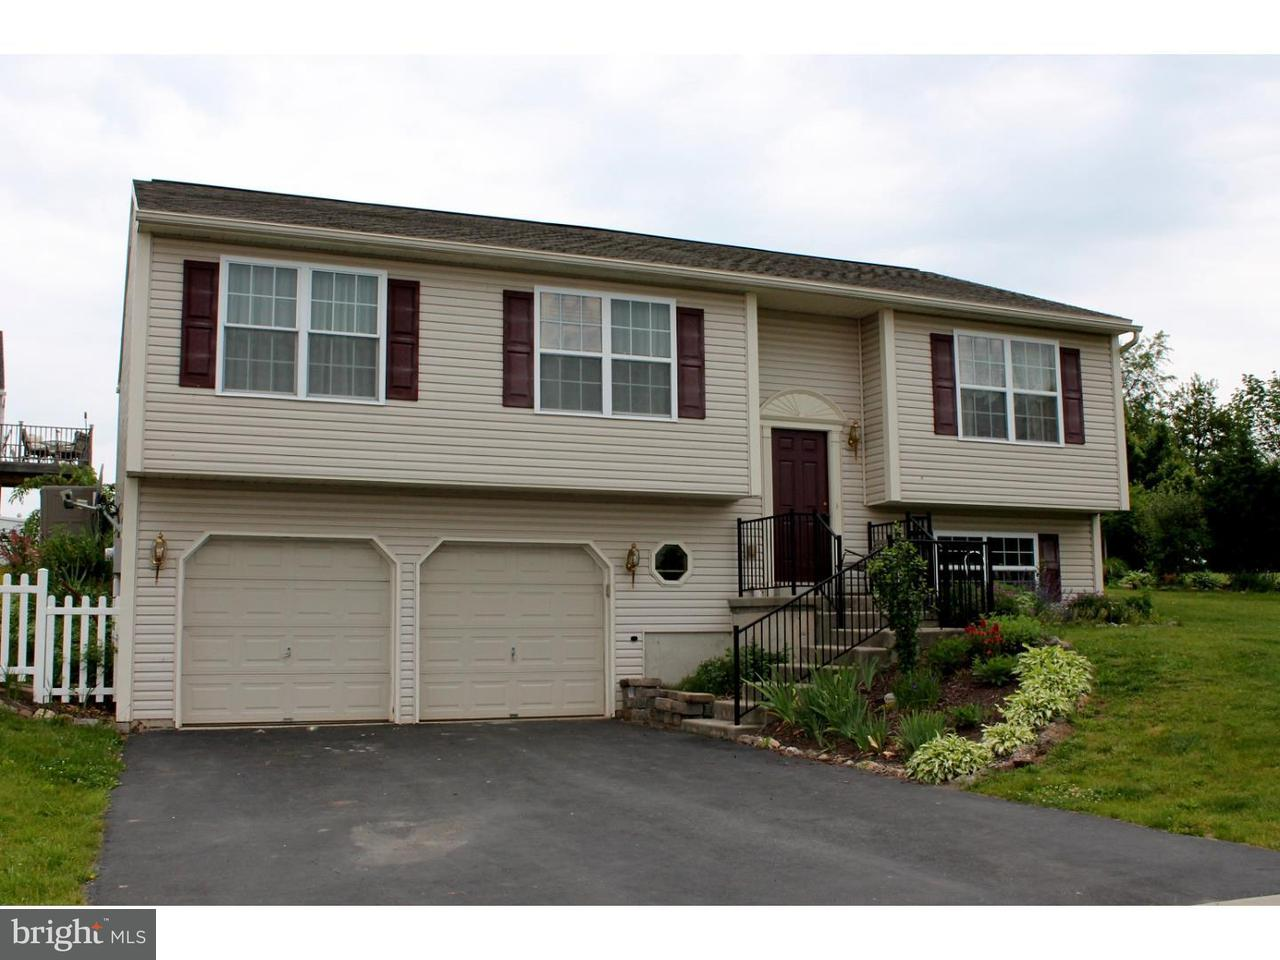 独户住宅 为 销售 在 3 LOWLAND CV Pine Grove, 宾夕法尼亚州 17963 美国